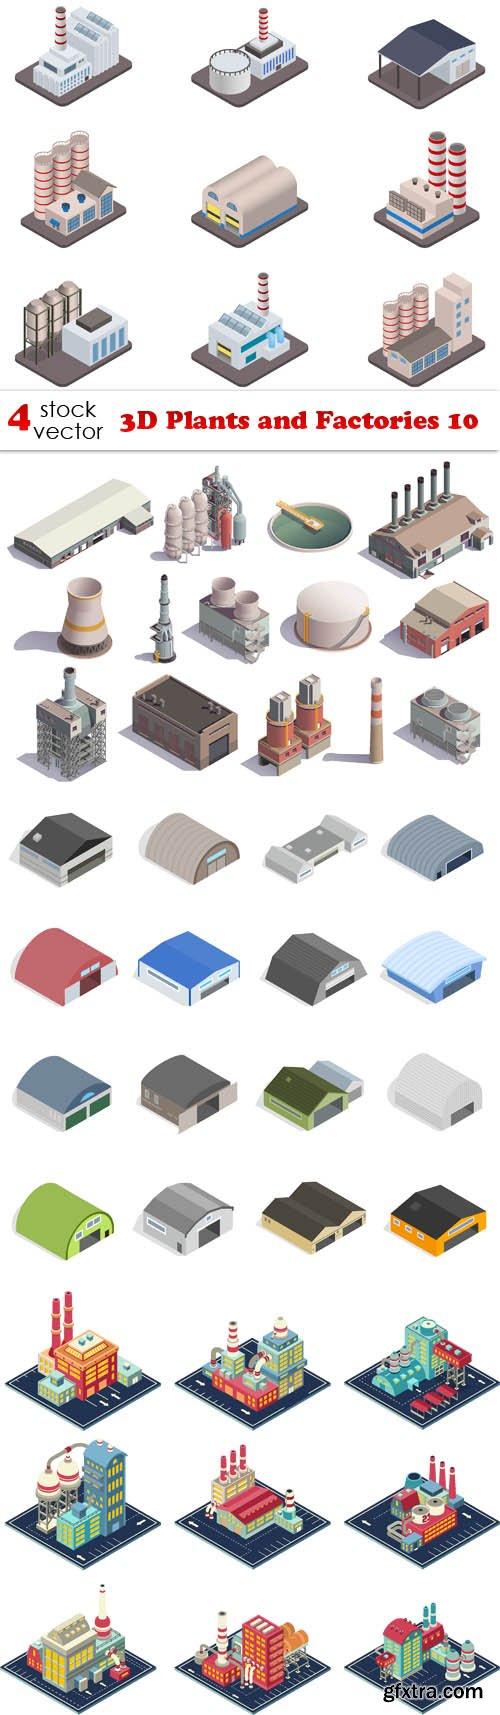 Vectors - 3D Plants and Factories 10